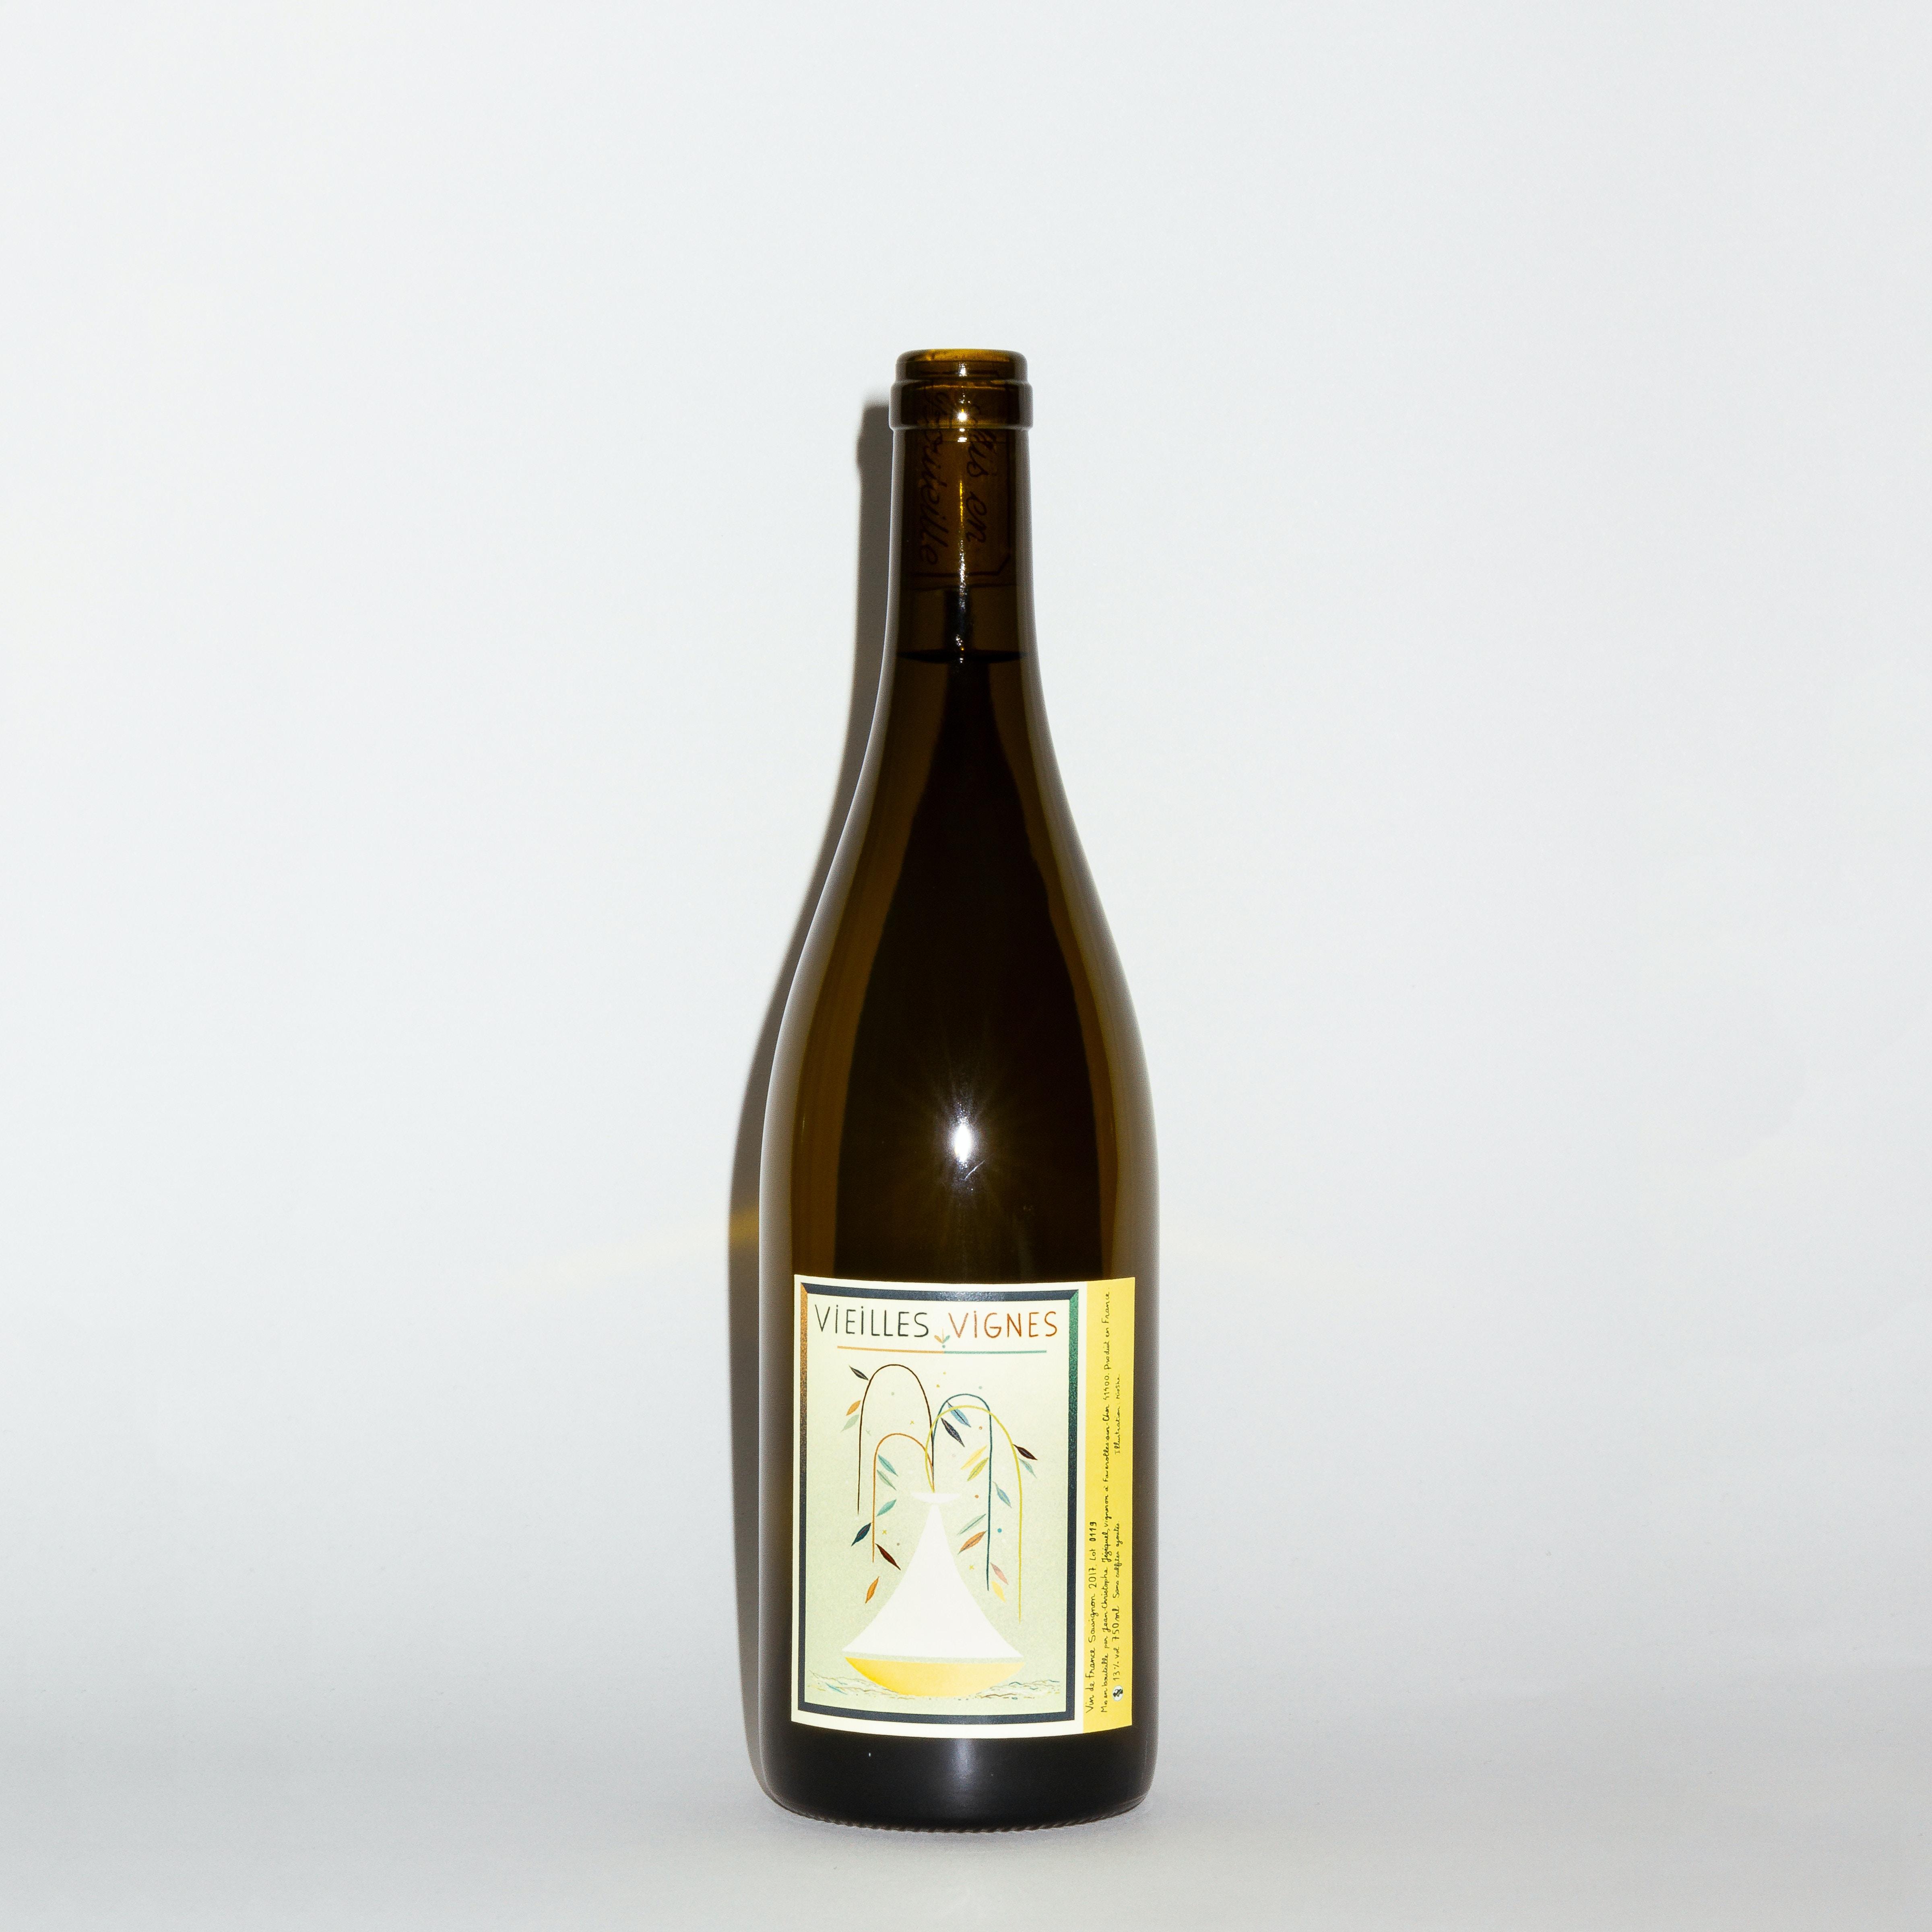 Vieilles Vignes 2017 by Jean Christophe Jézéquel